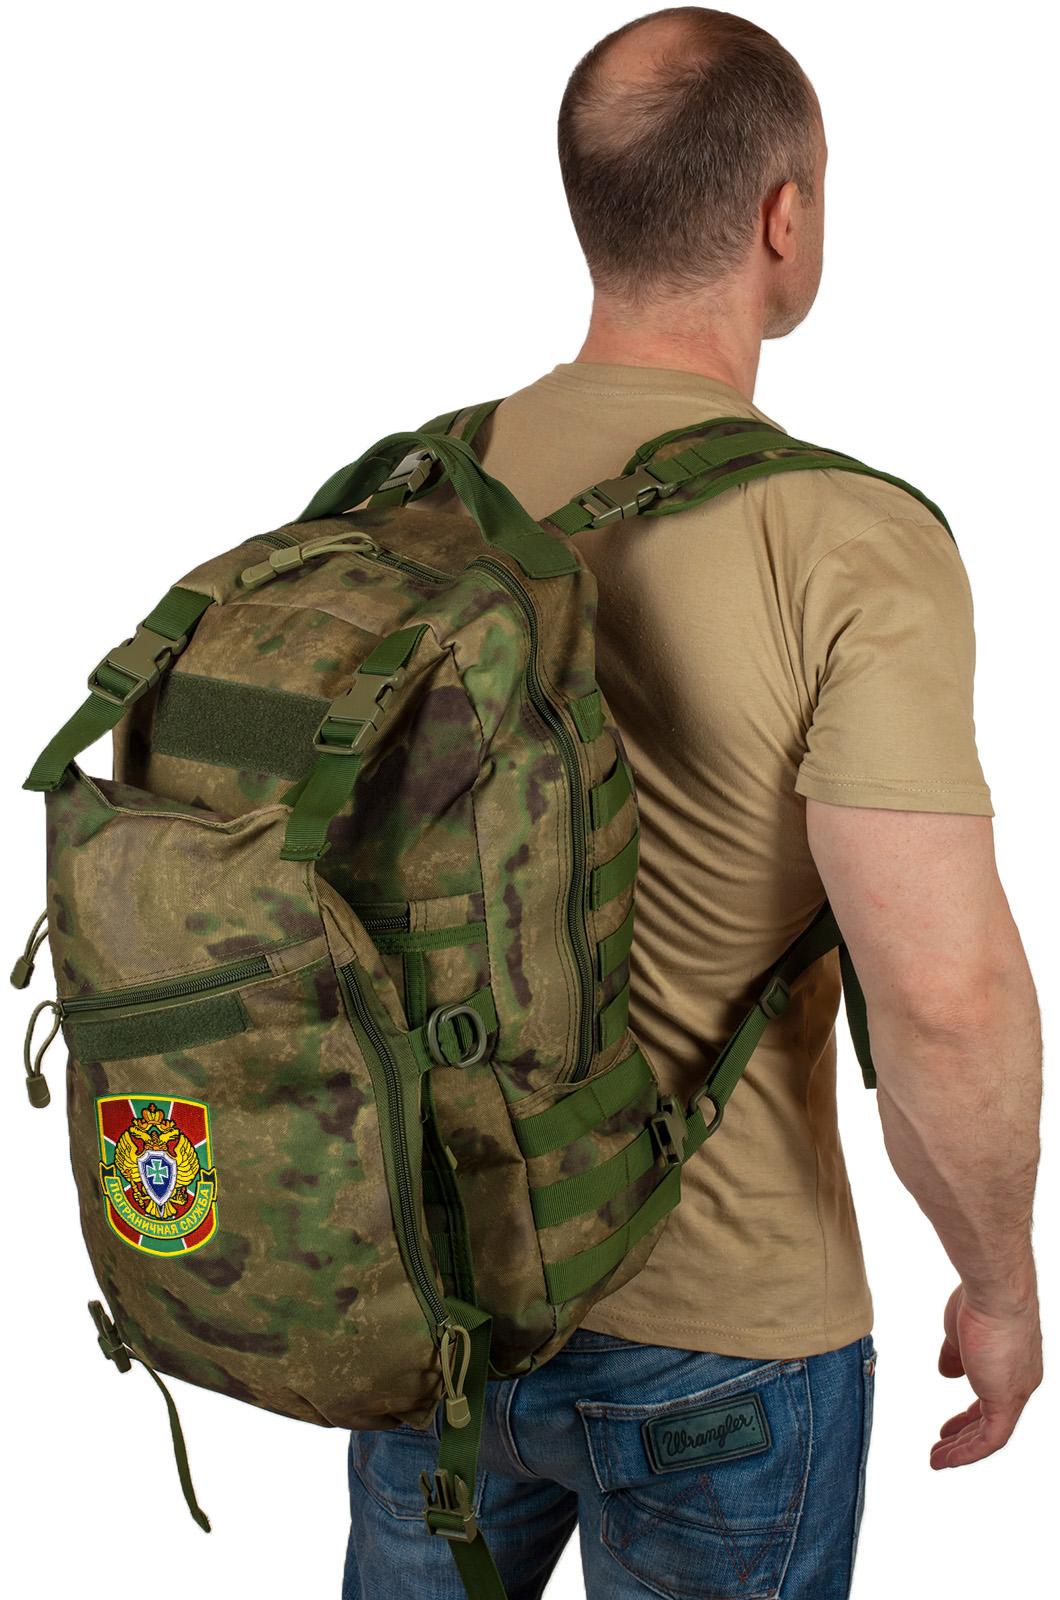 Военный камуфляжный рюкзак с нашивкой Пограничной службы - купить в подарок